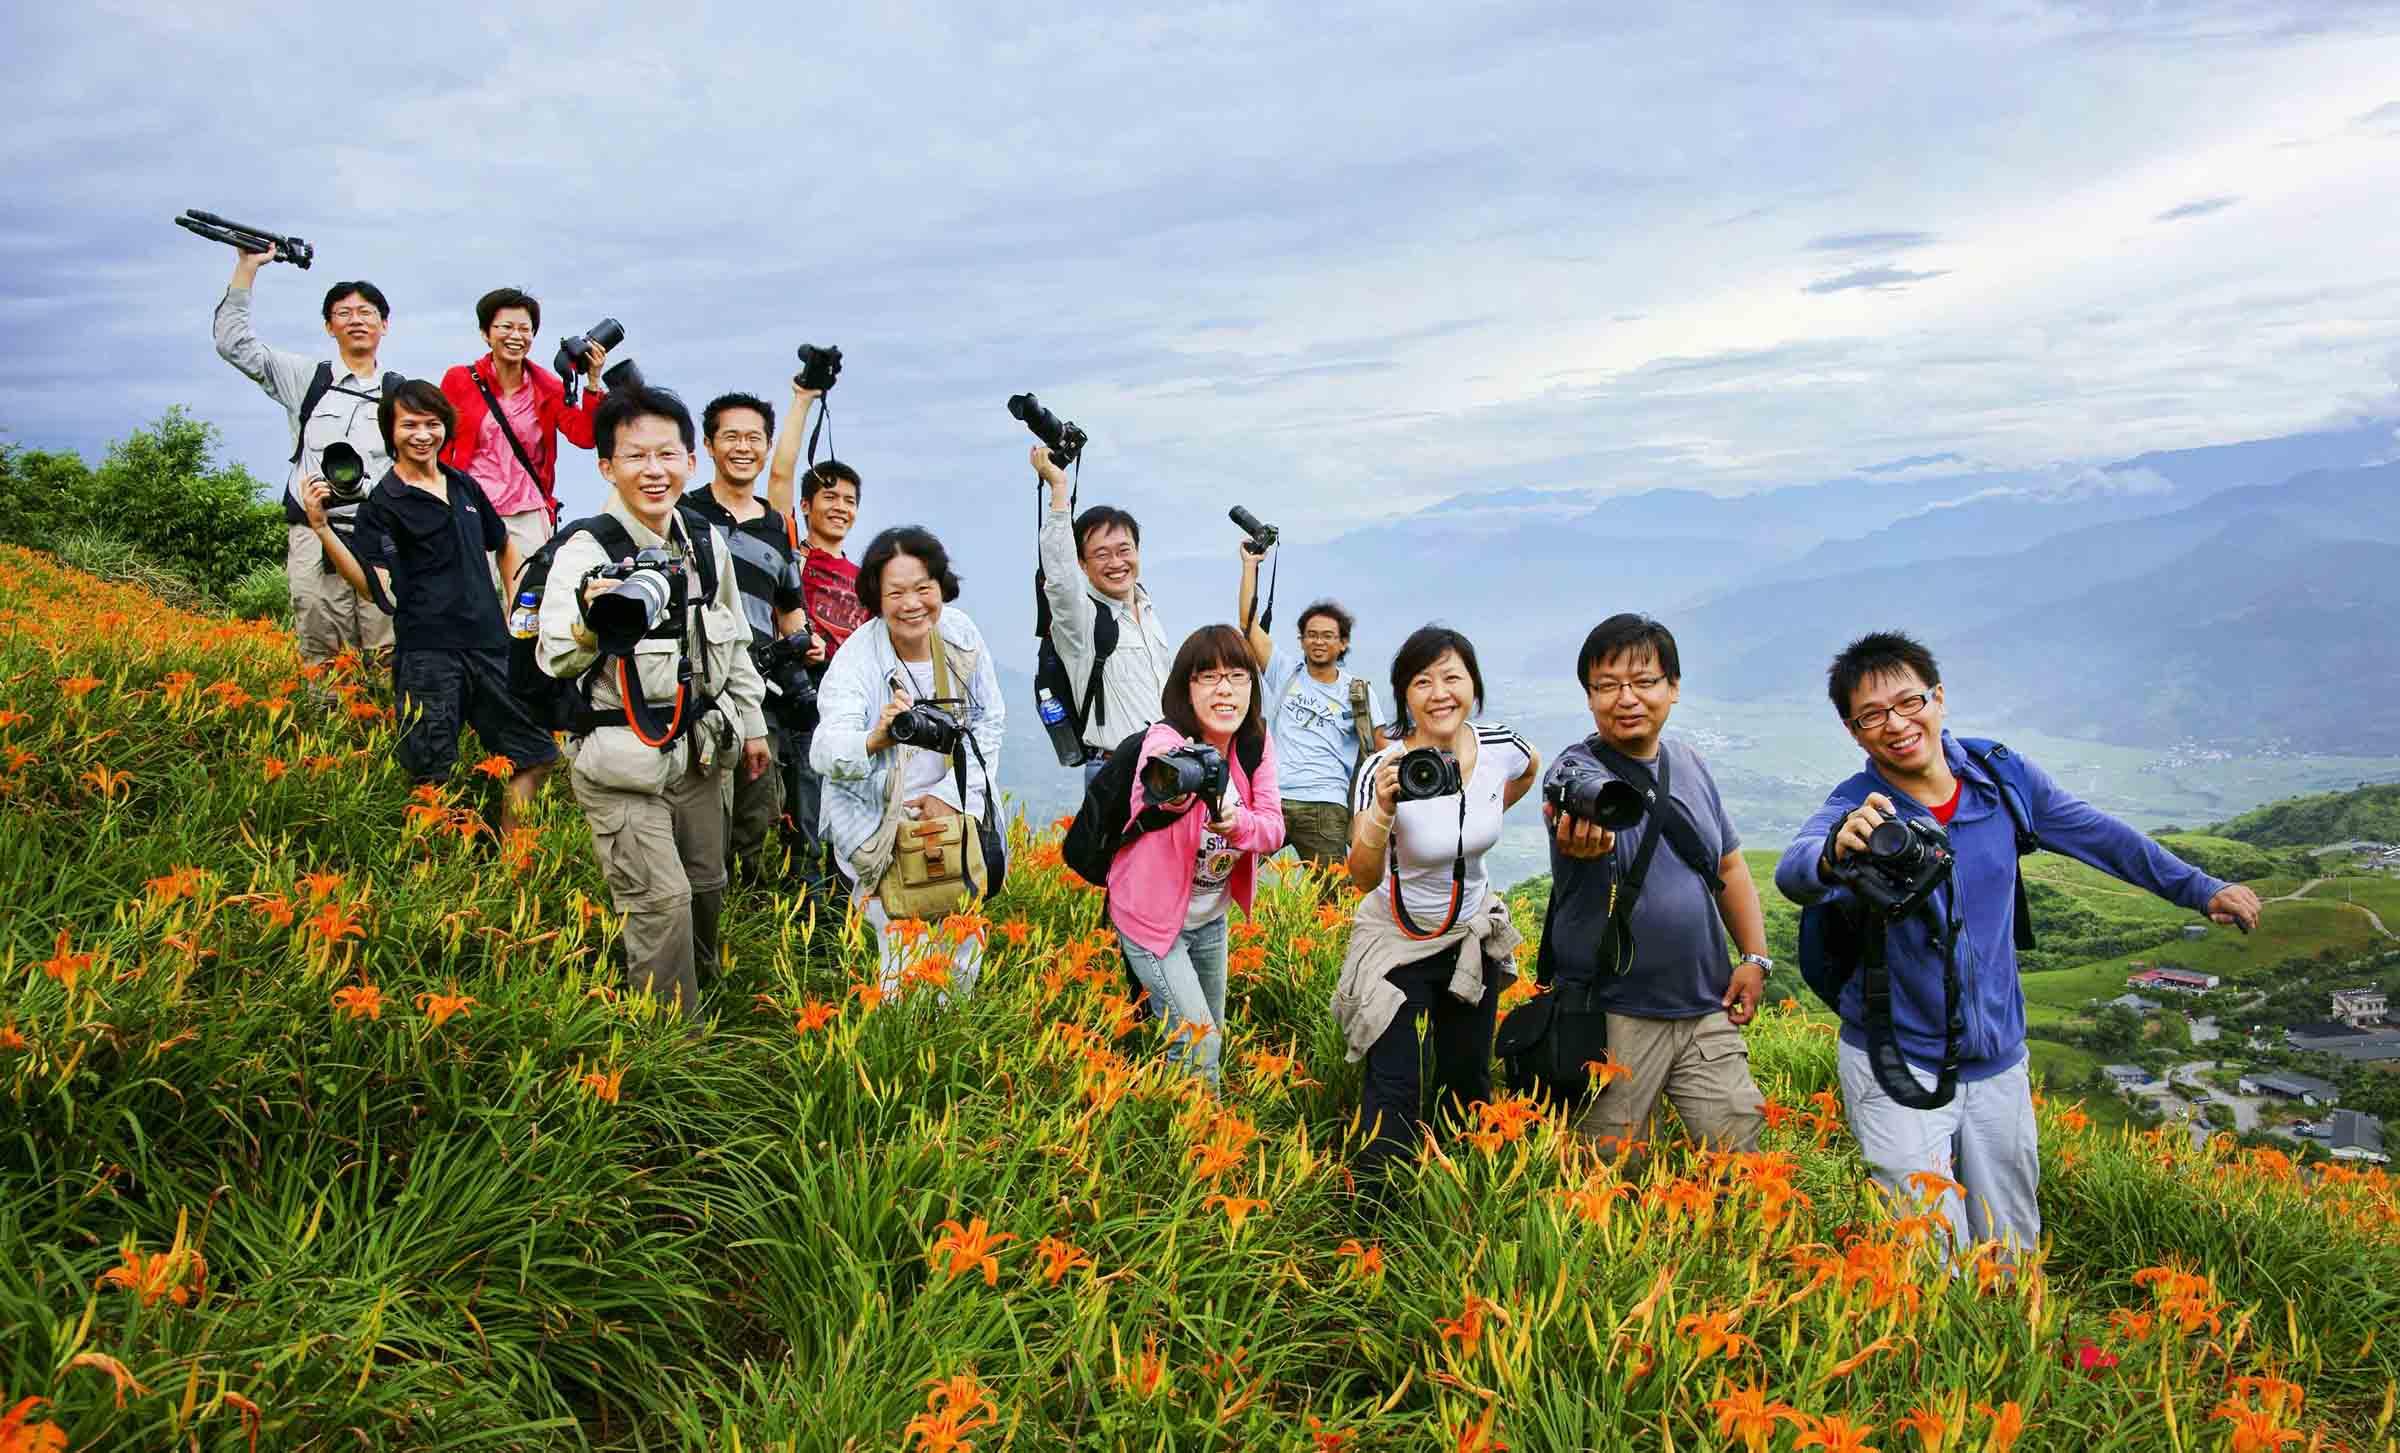 2010-8-22-紀老師攝影班花蓮六十石山團體合照-15.jpg